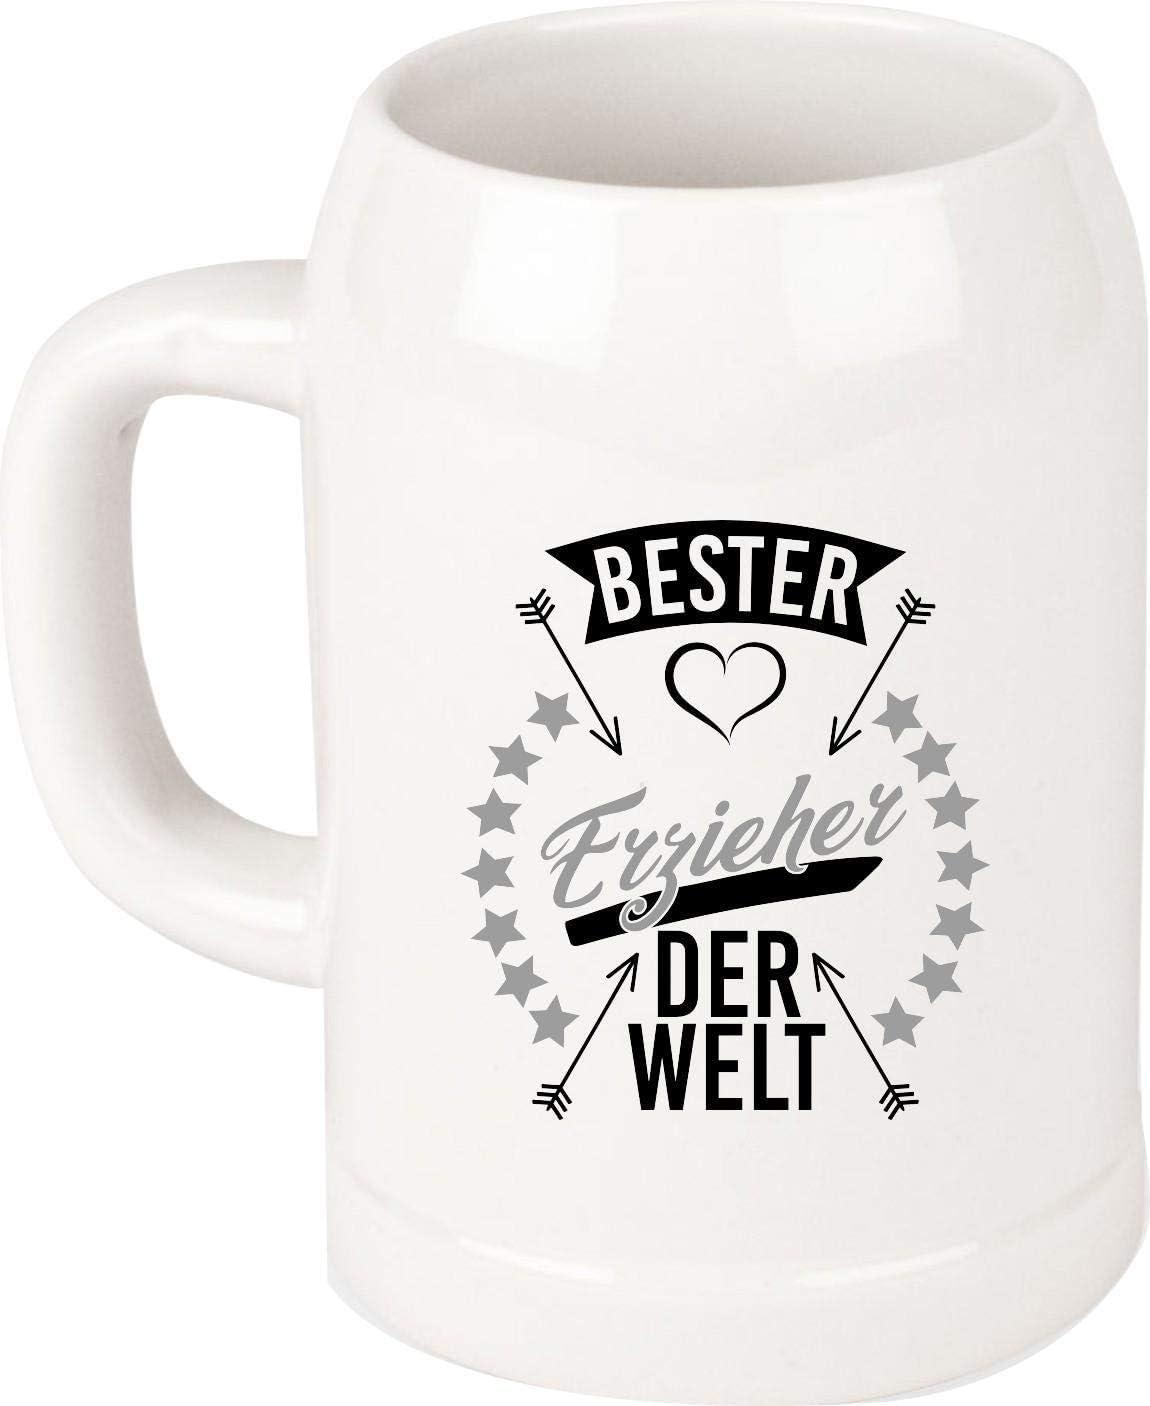 Shirtinstyle Jarra de Cerveza, Despedida Kita Guardería Escuela, Oficio, Annerkennung, Gracias, Motivo Elegir - Bester Erzieher del Mundo